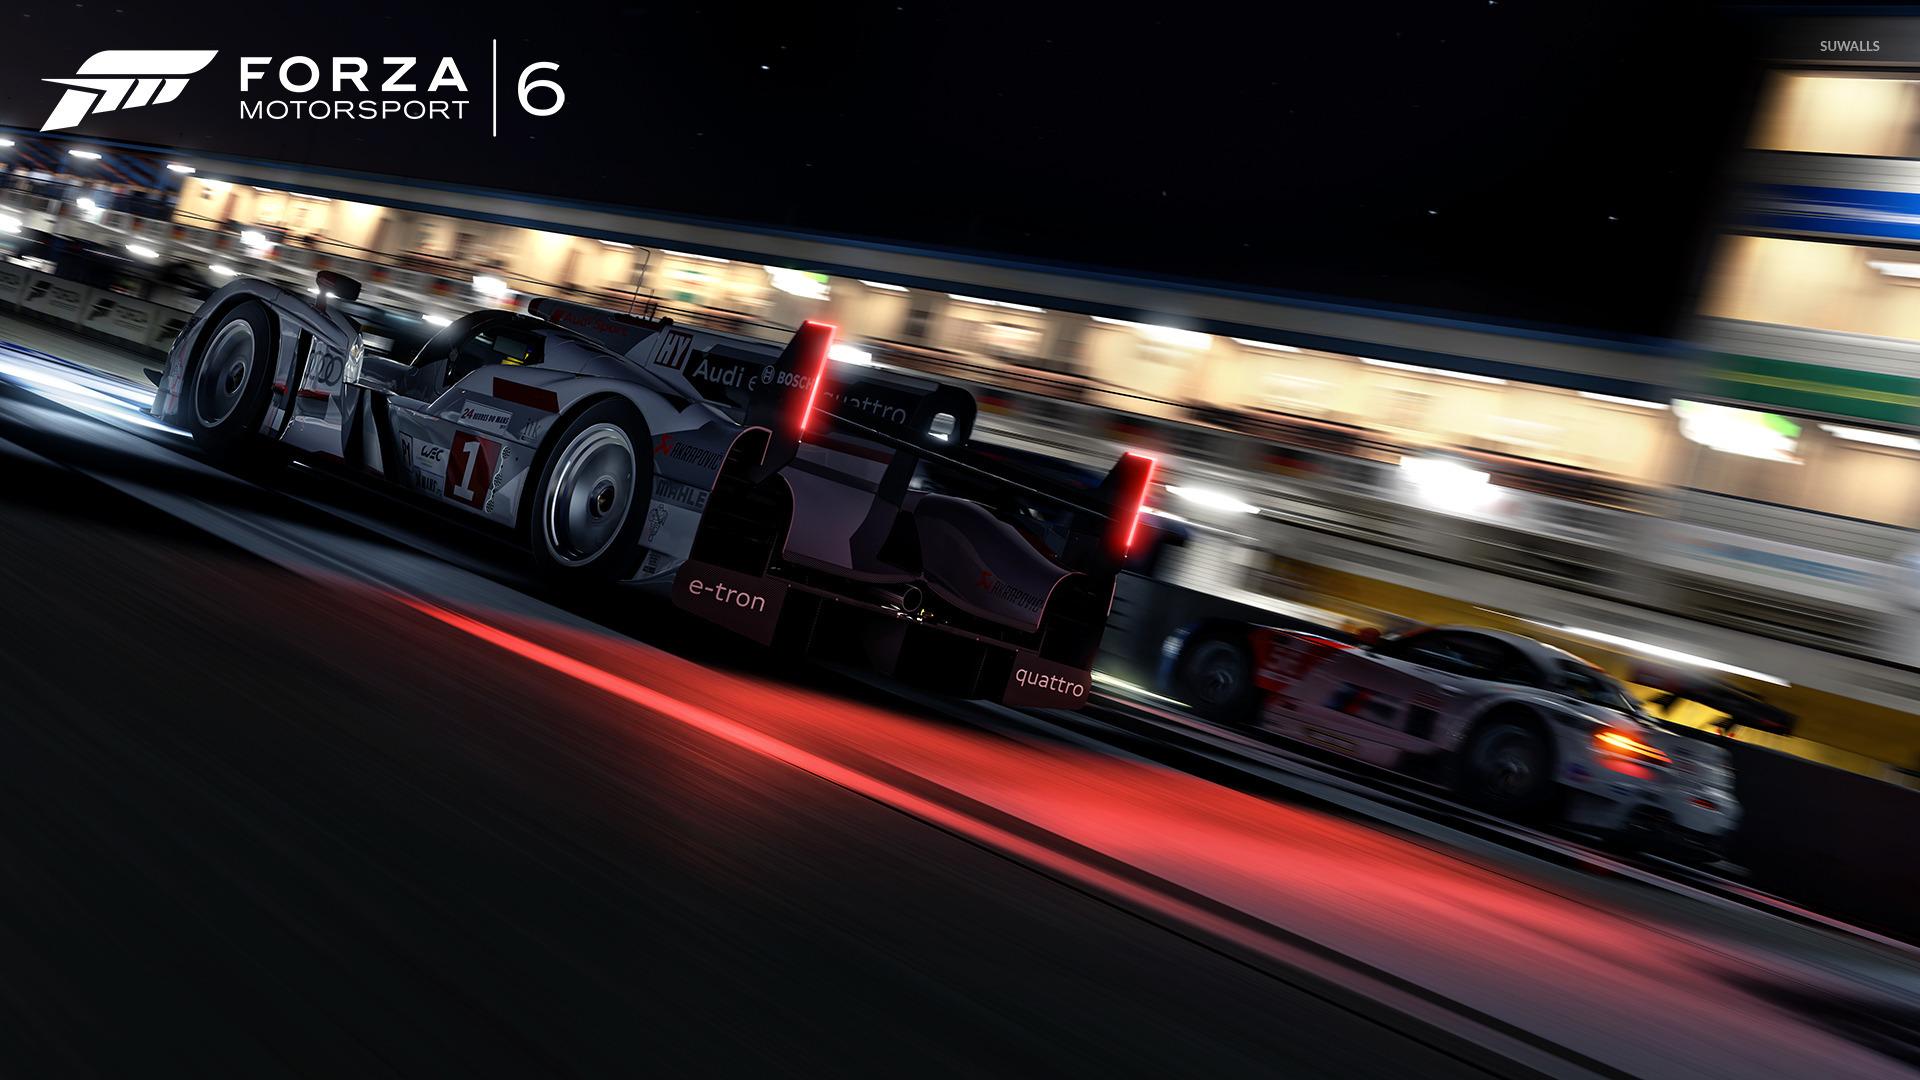 Audi R18 E Tron Quattro Forza Motorsport 6 Wallpaper